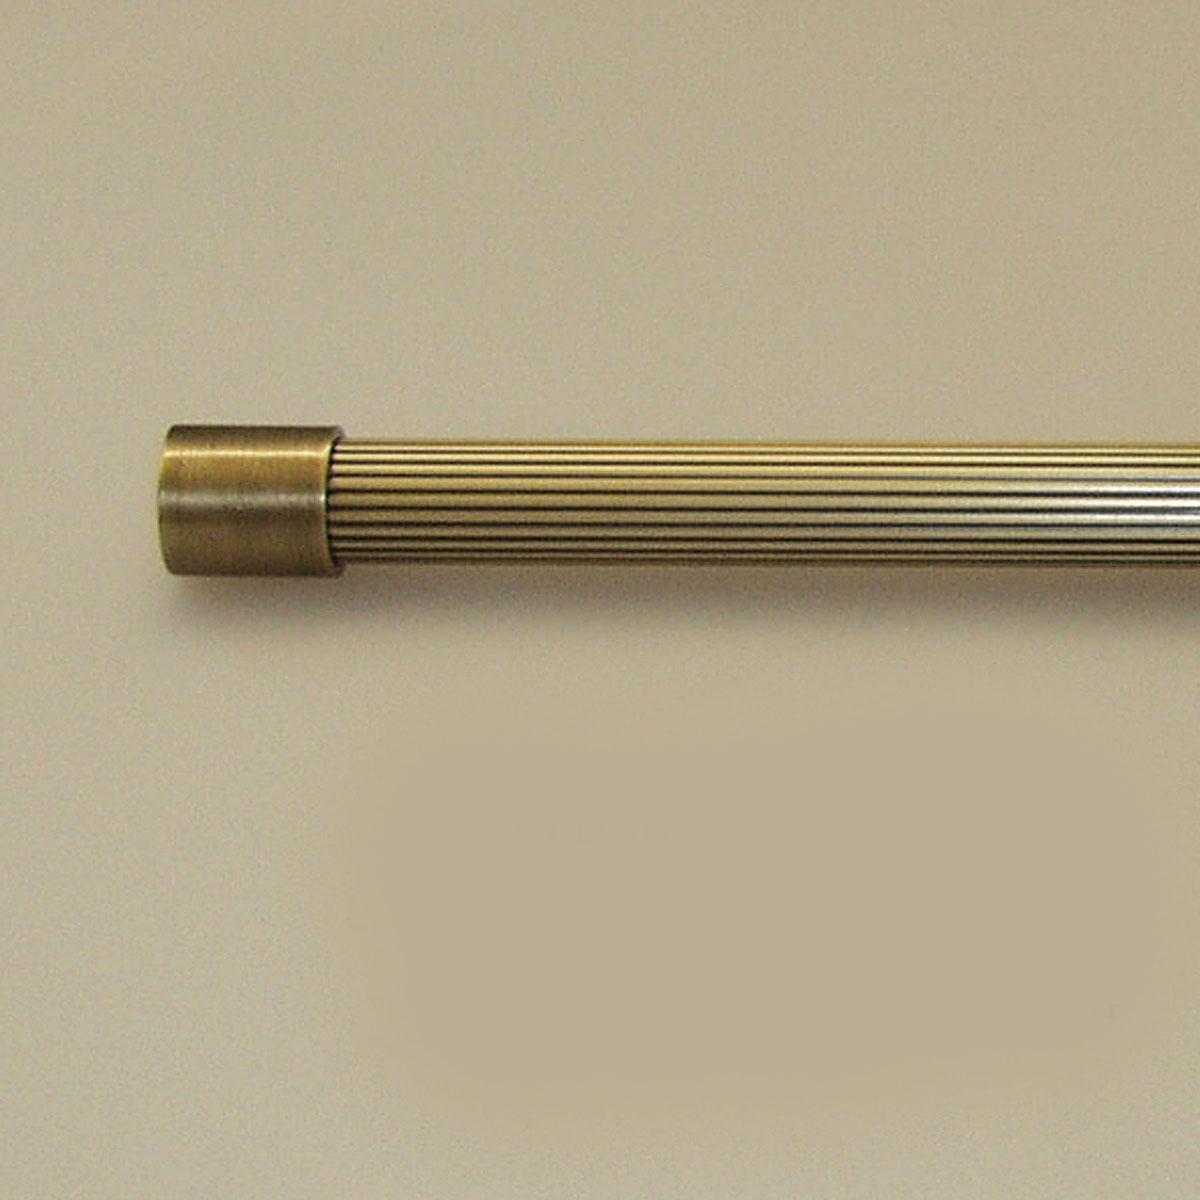 closet-shower rods